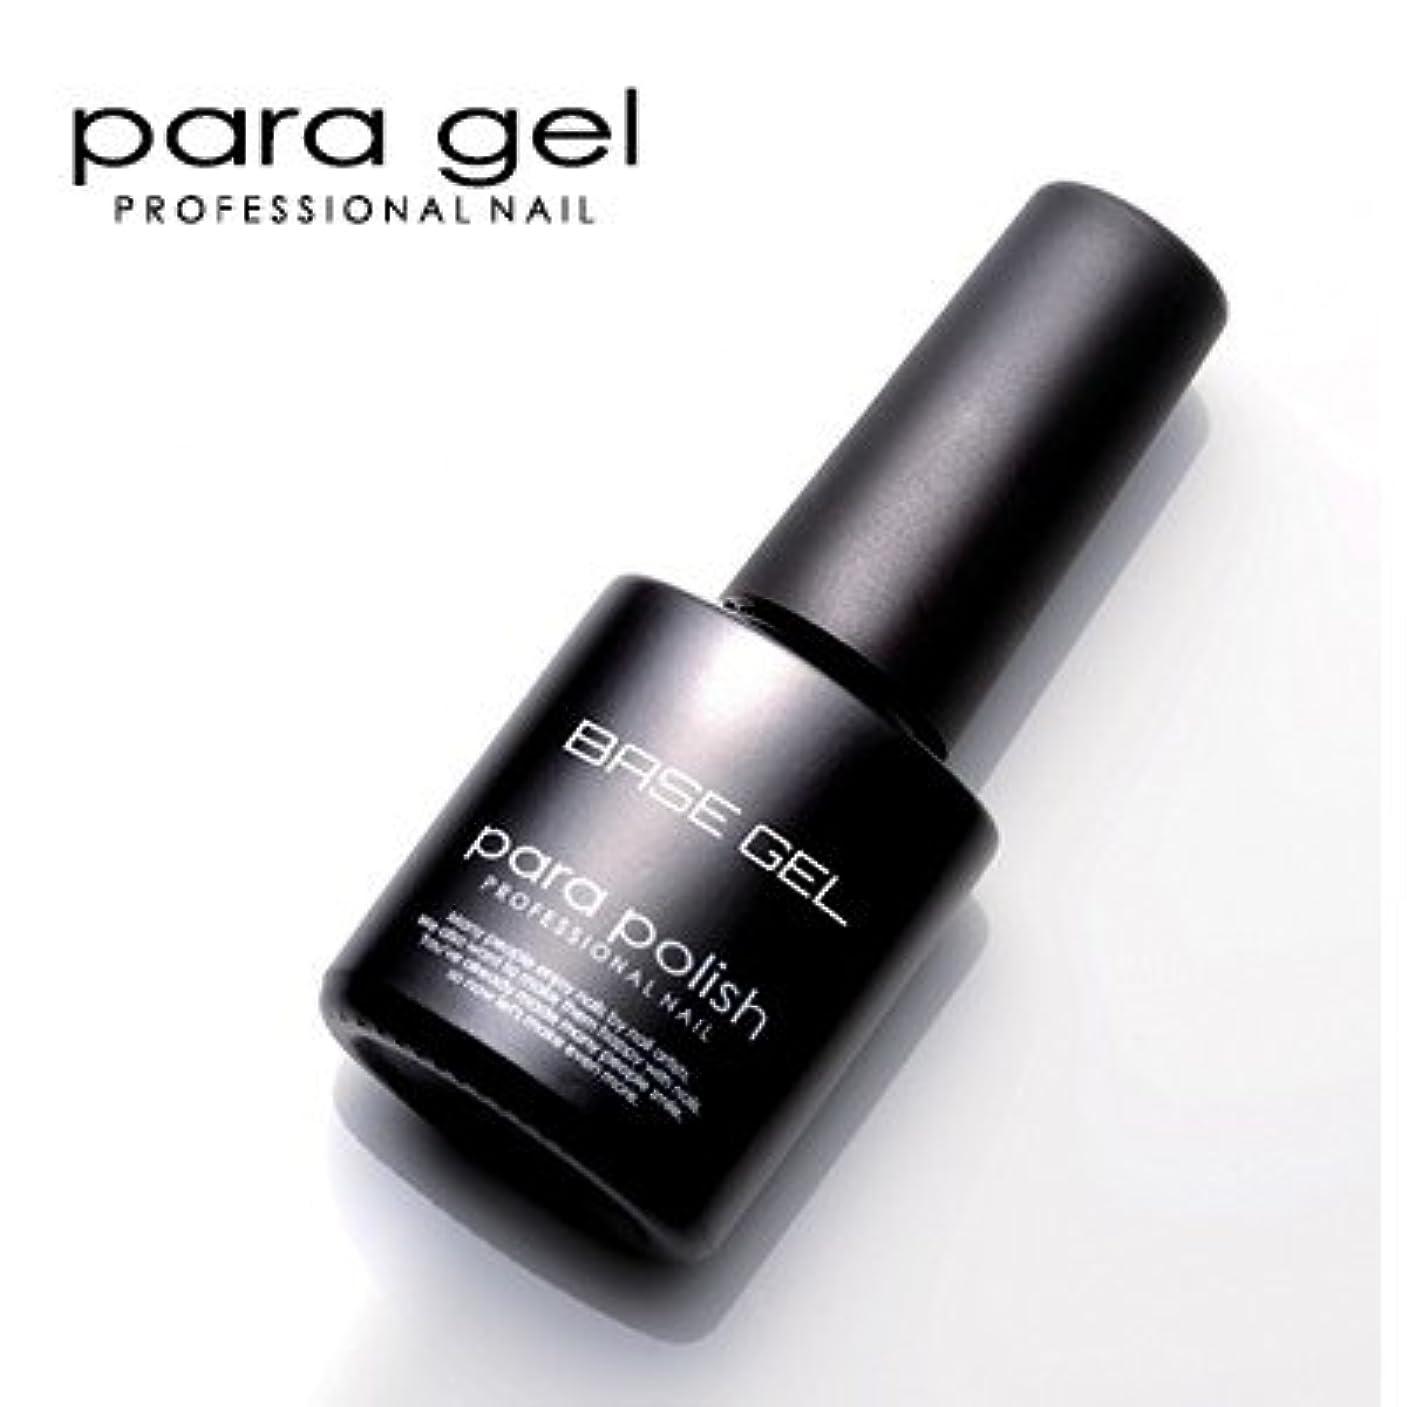 コーンウォールコンペ危険パラジェル para polish(パラポリッシュ) ベースジェル 7g